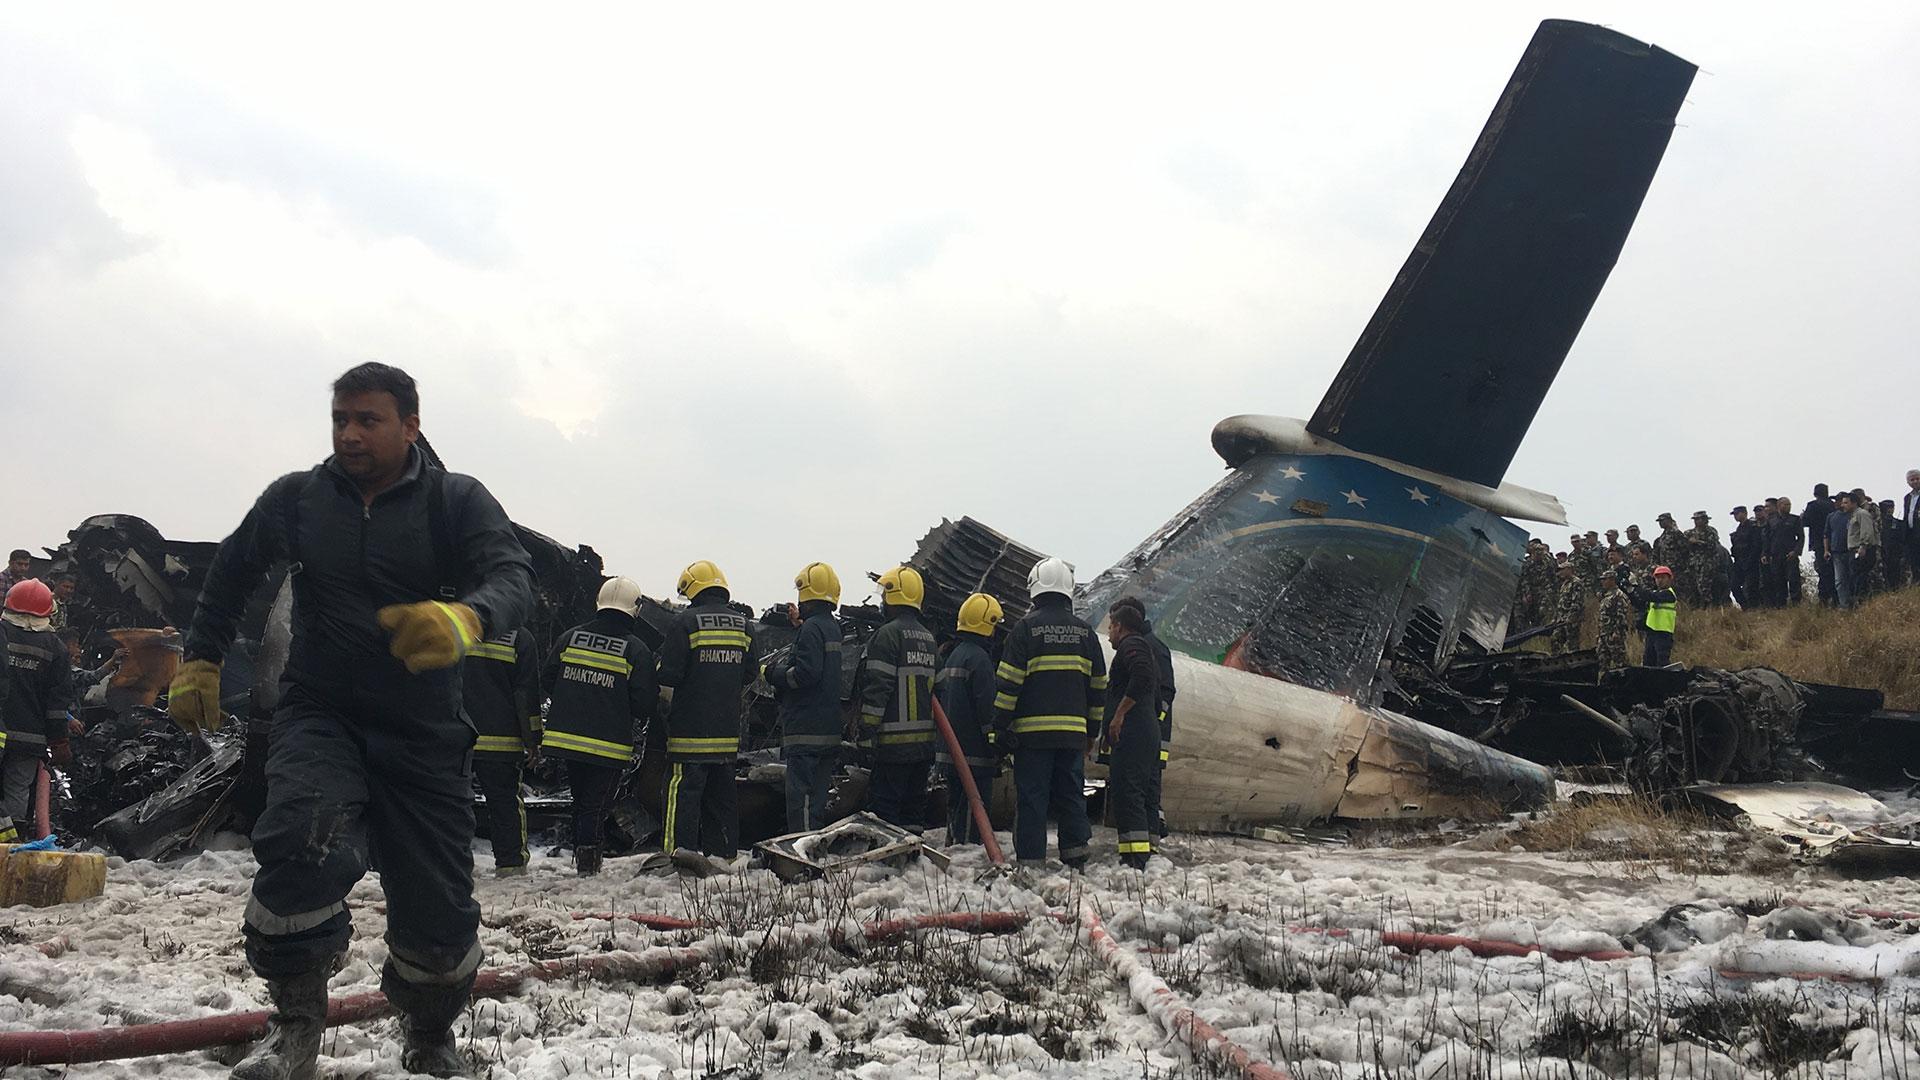 Los bomberos tratan de rescatar a los pasajeros después de apagar el incendio